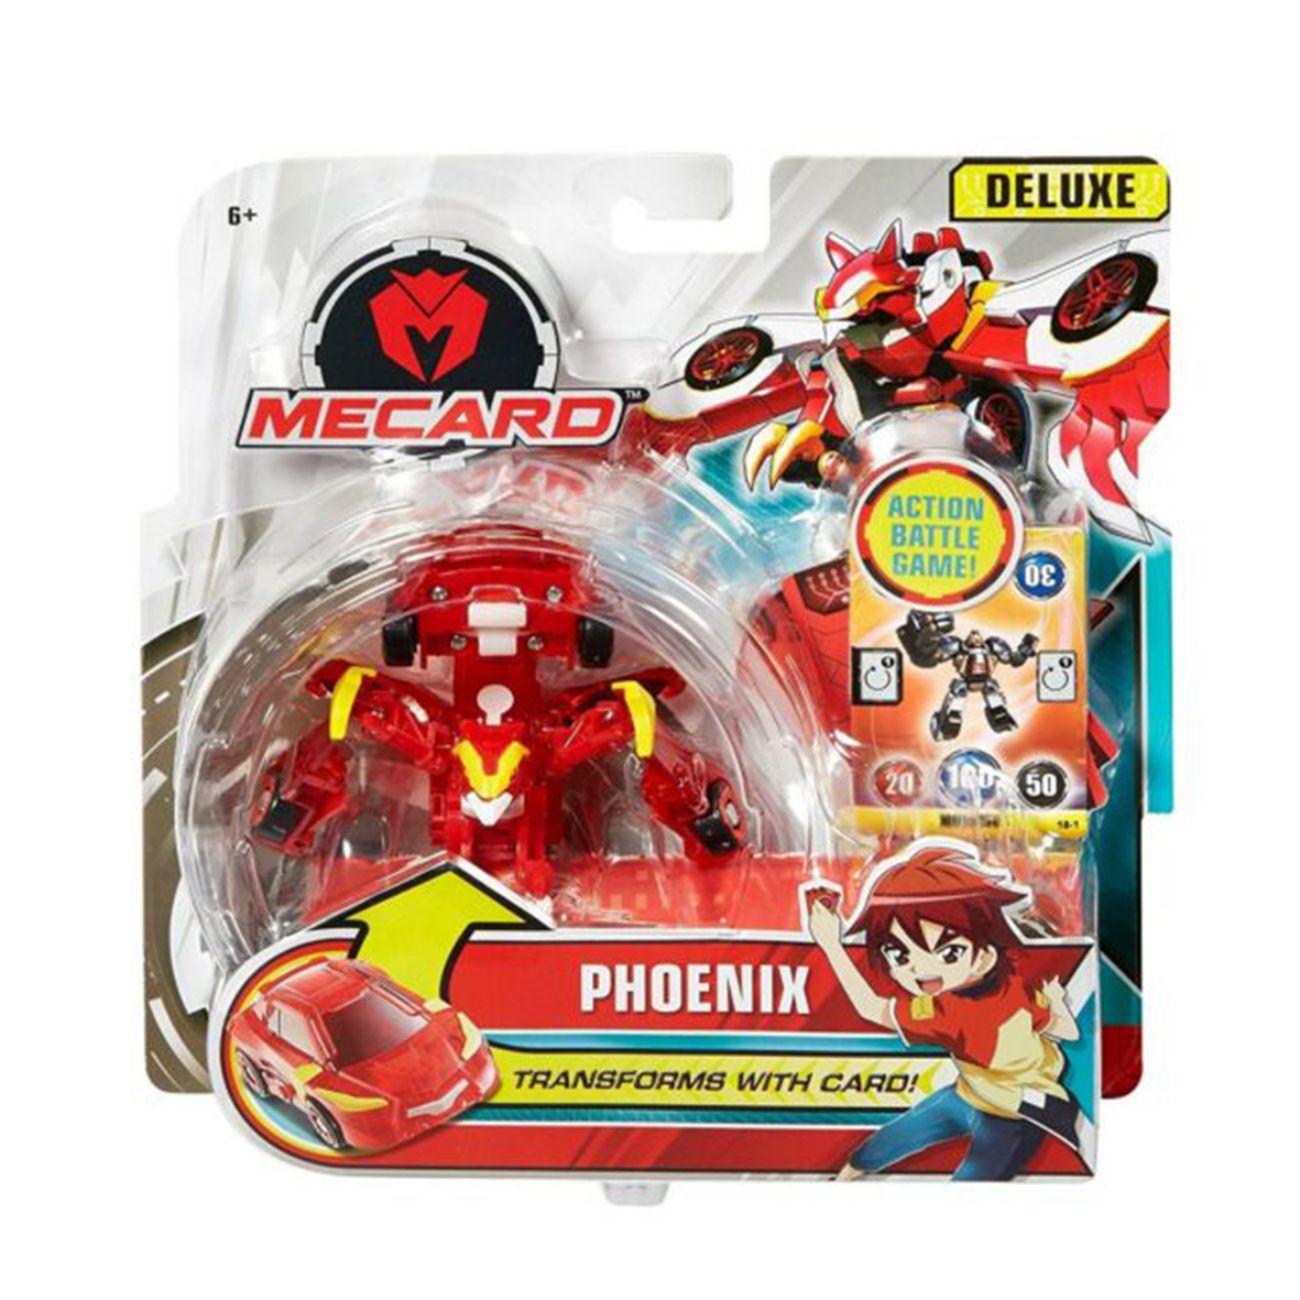 Mecard Deluxe Phoenix red